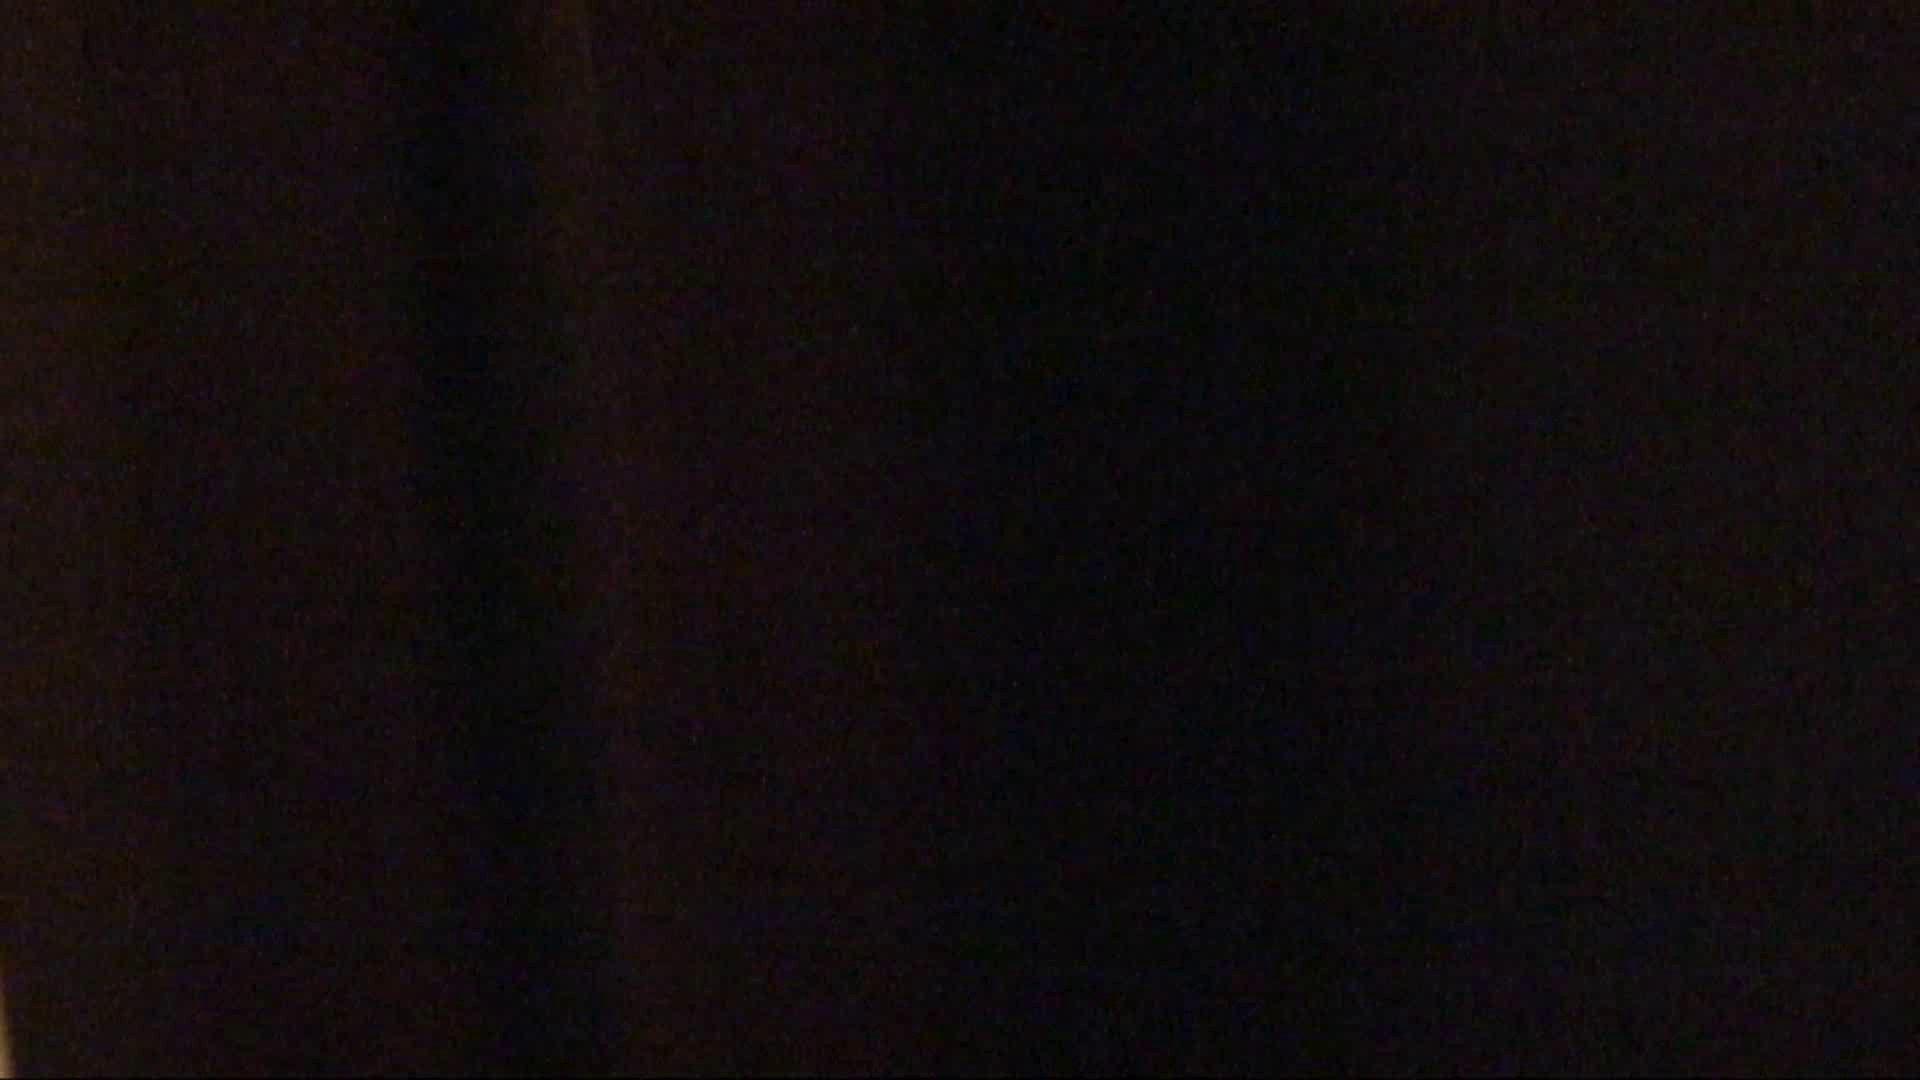 vol.02超可愛すぎる彼女の裸体をハイビジョンで!至近距離での眺め最高! 裸体 おめこ無修正動画無料 94連発 76